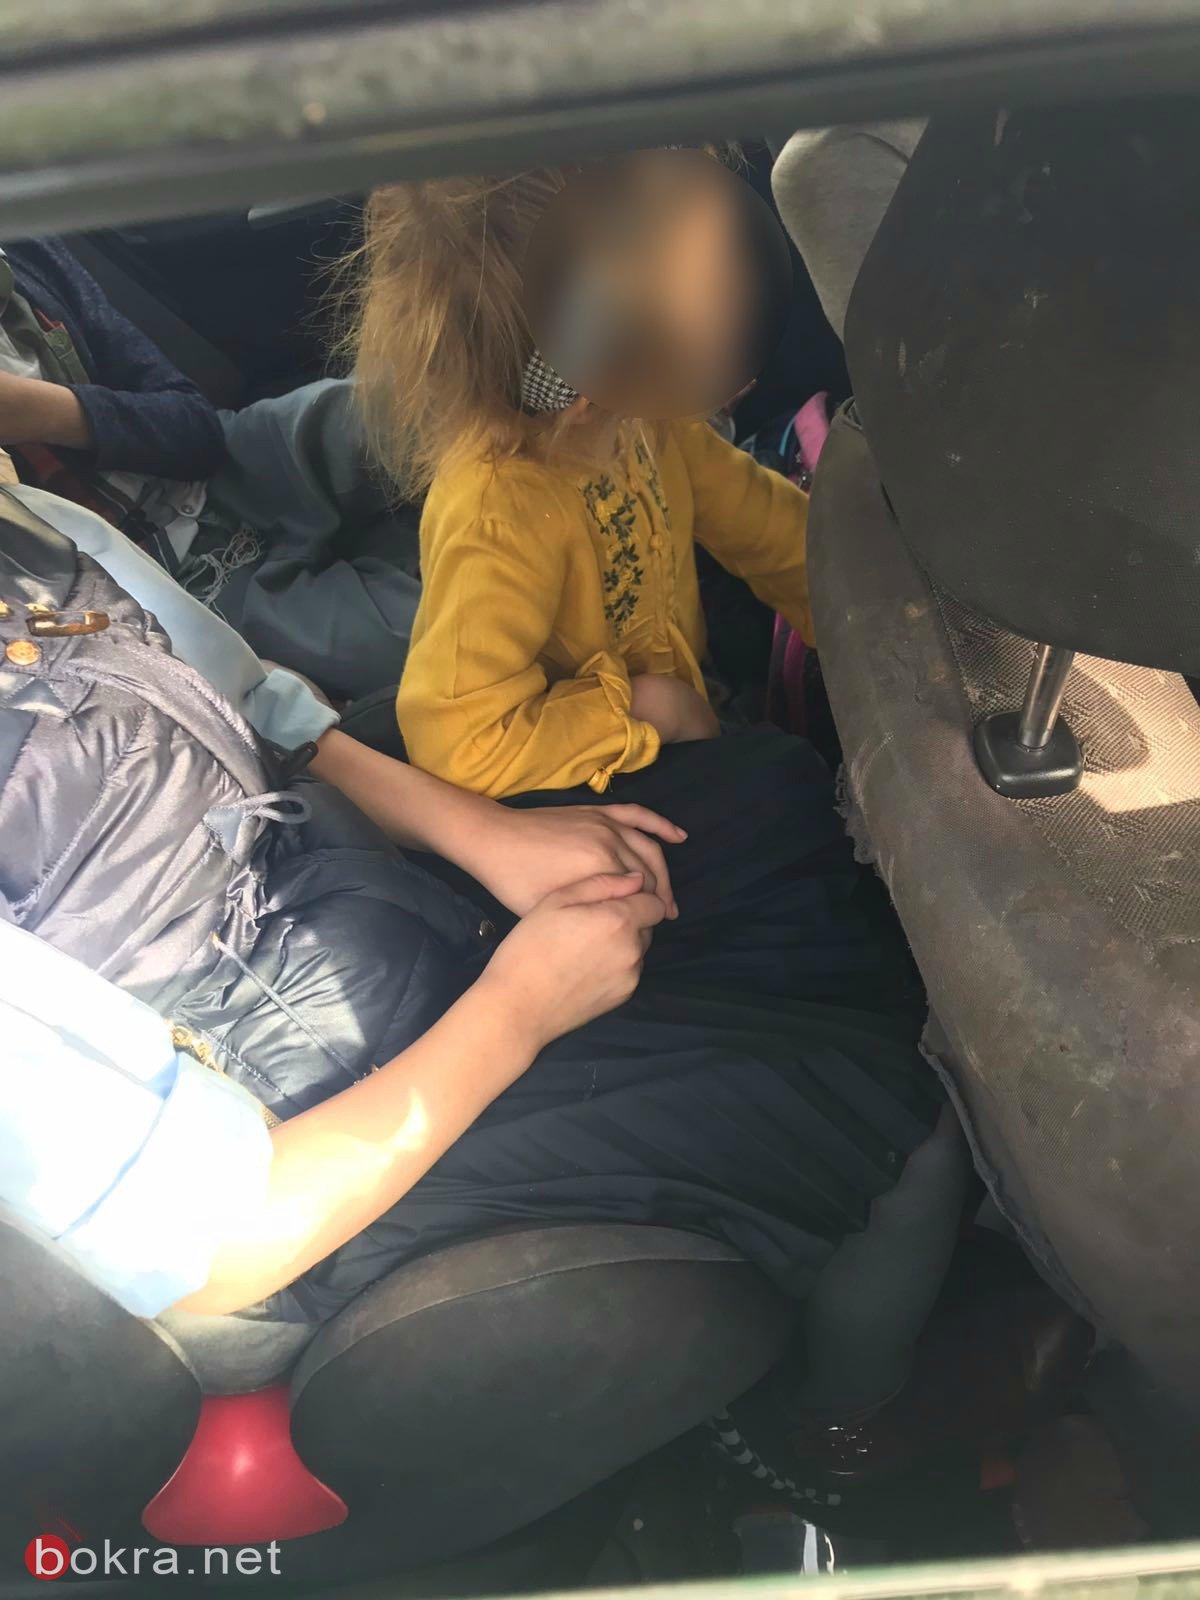 ايقاف سائقة تقل 5 اطفال دون وسائل امان وبدون رخصة قيادة